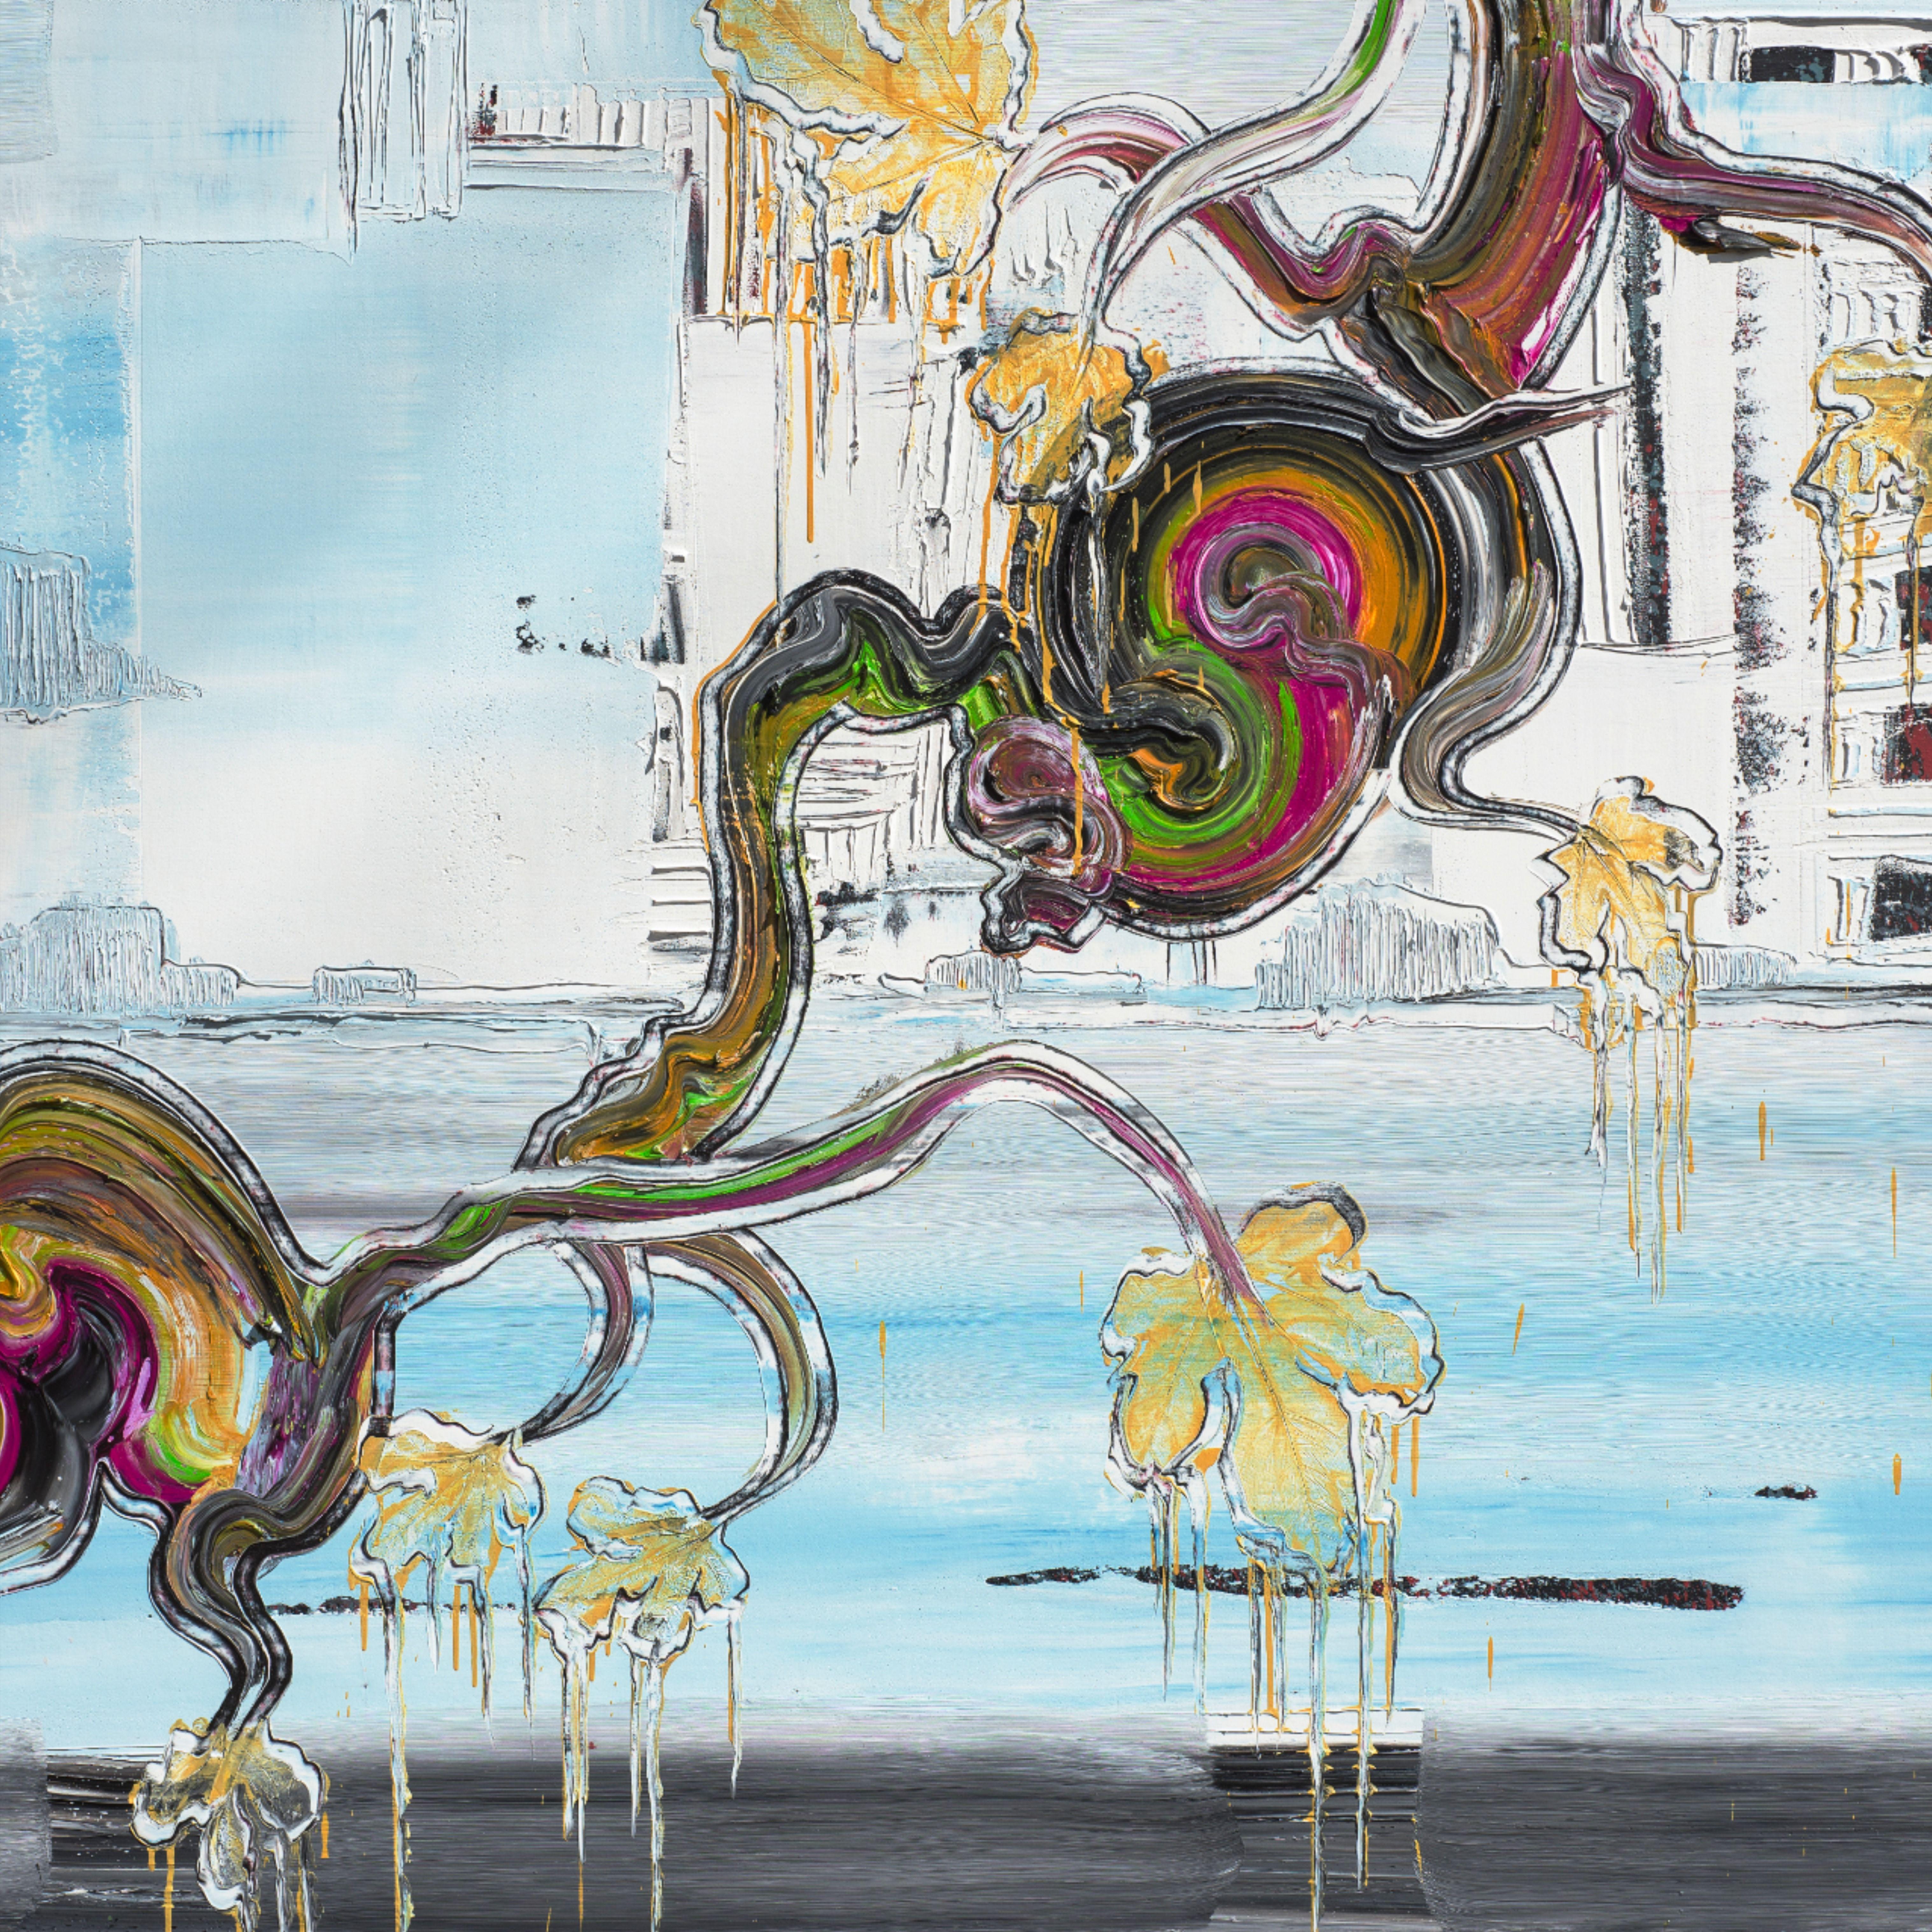 moderne kunst bilder zeitgenössische französische maler ölbilder auf leinwand